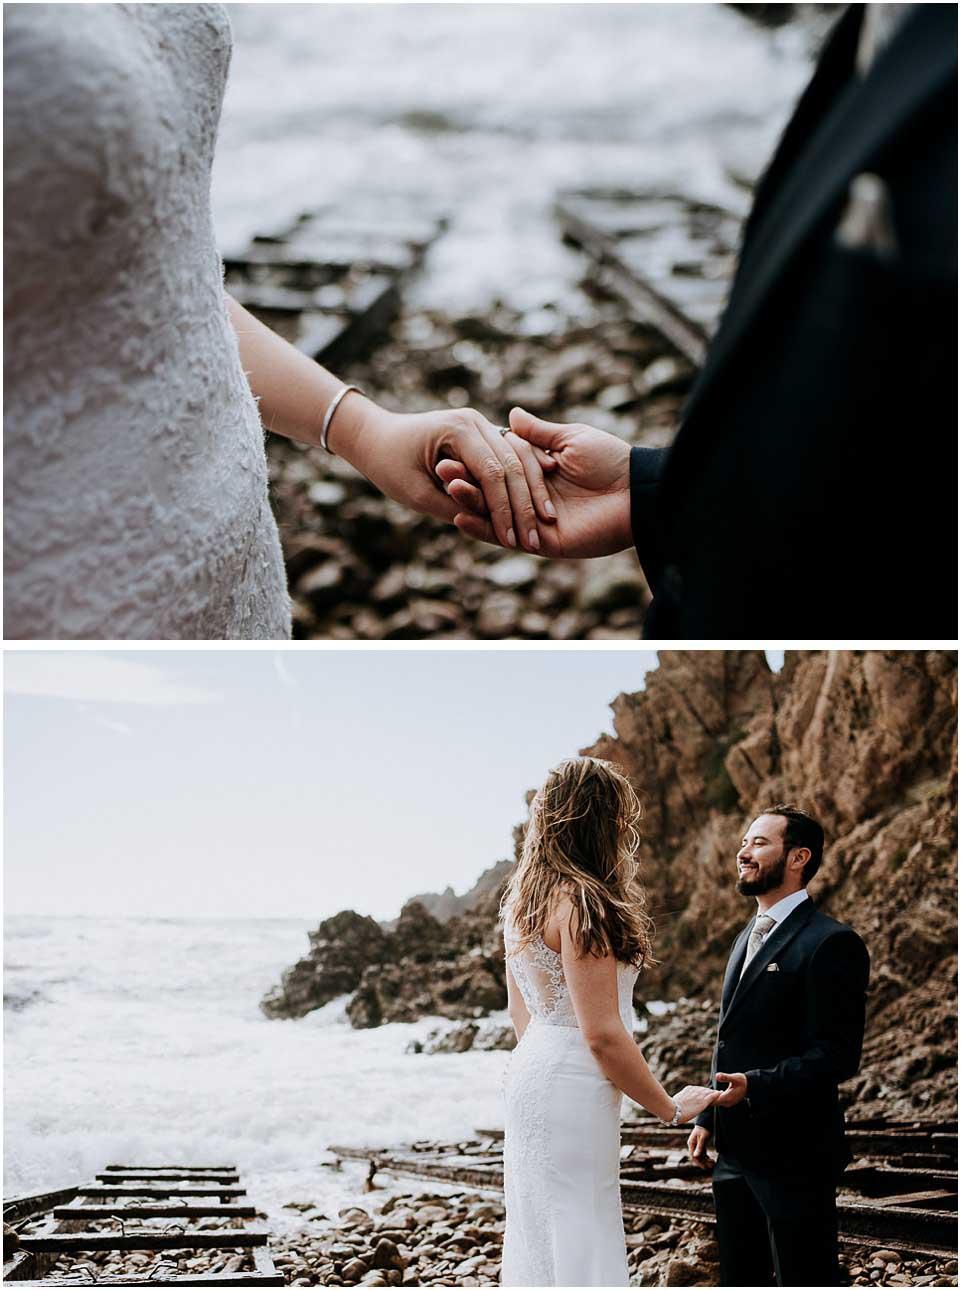 fotografo de boda almeria